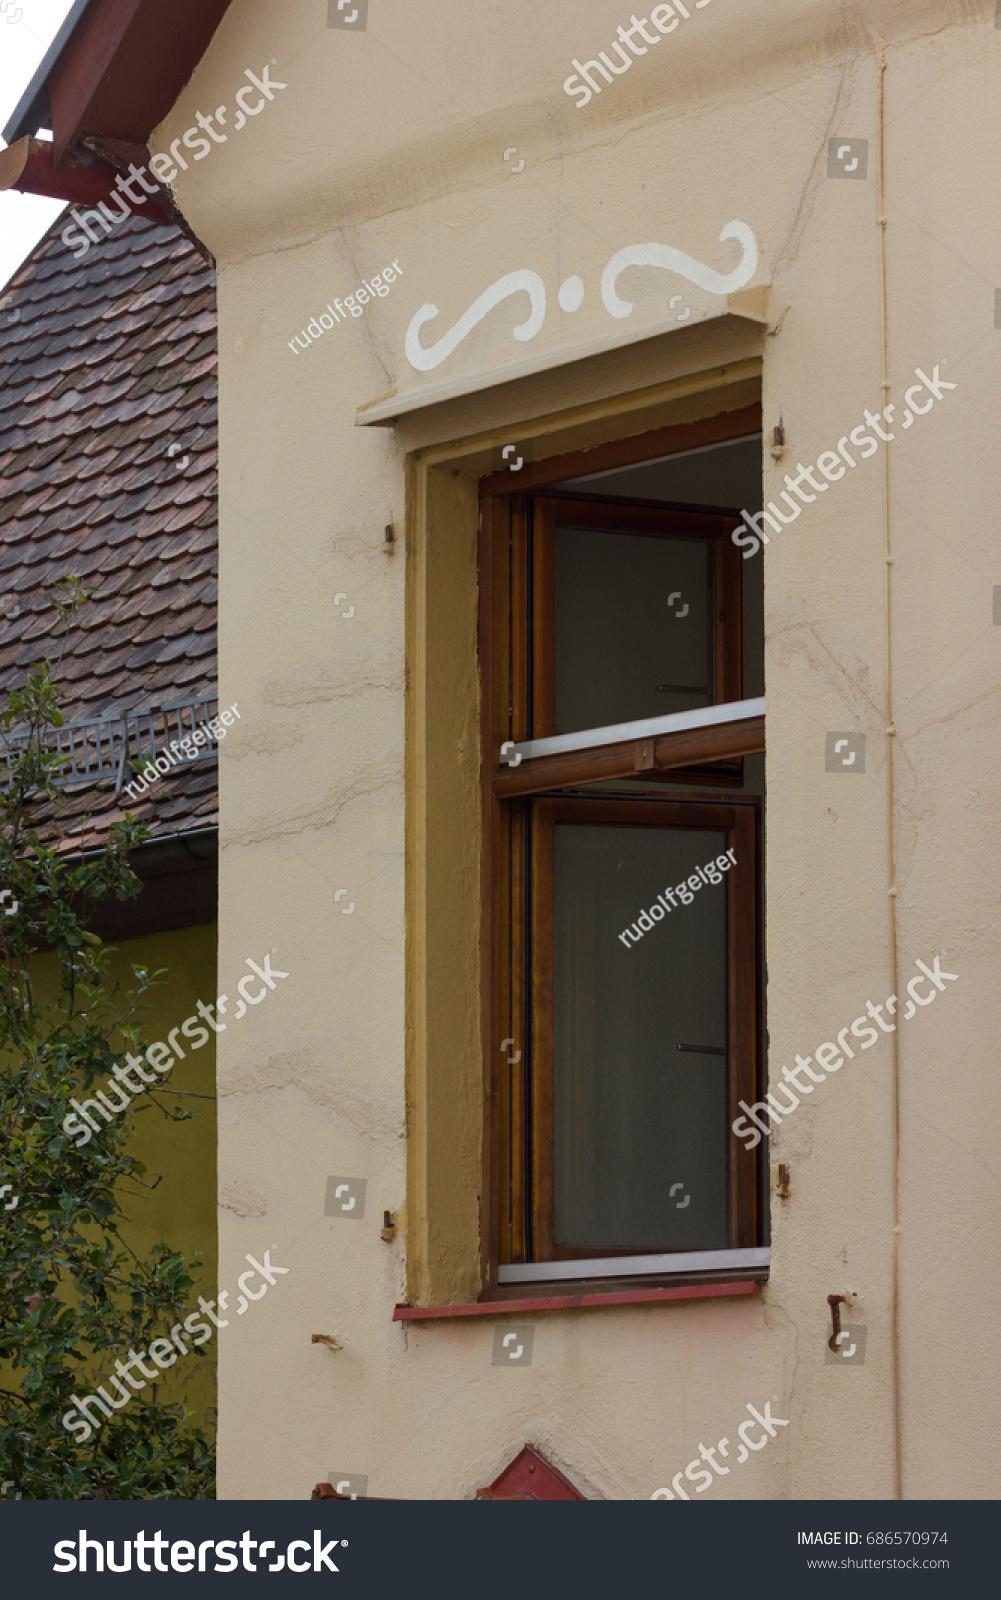 Classic Wooden Door With Bronze Handles In Old New York Townhouse